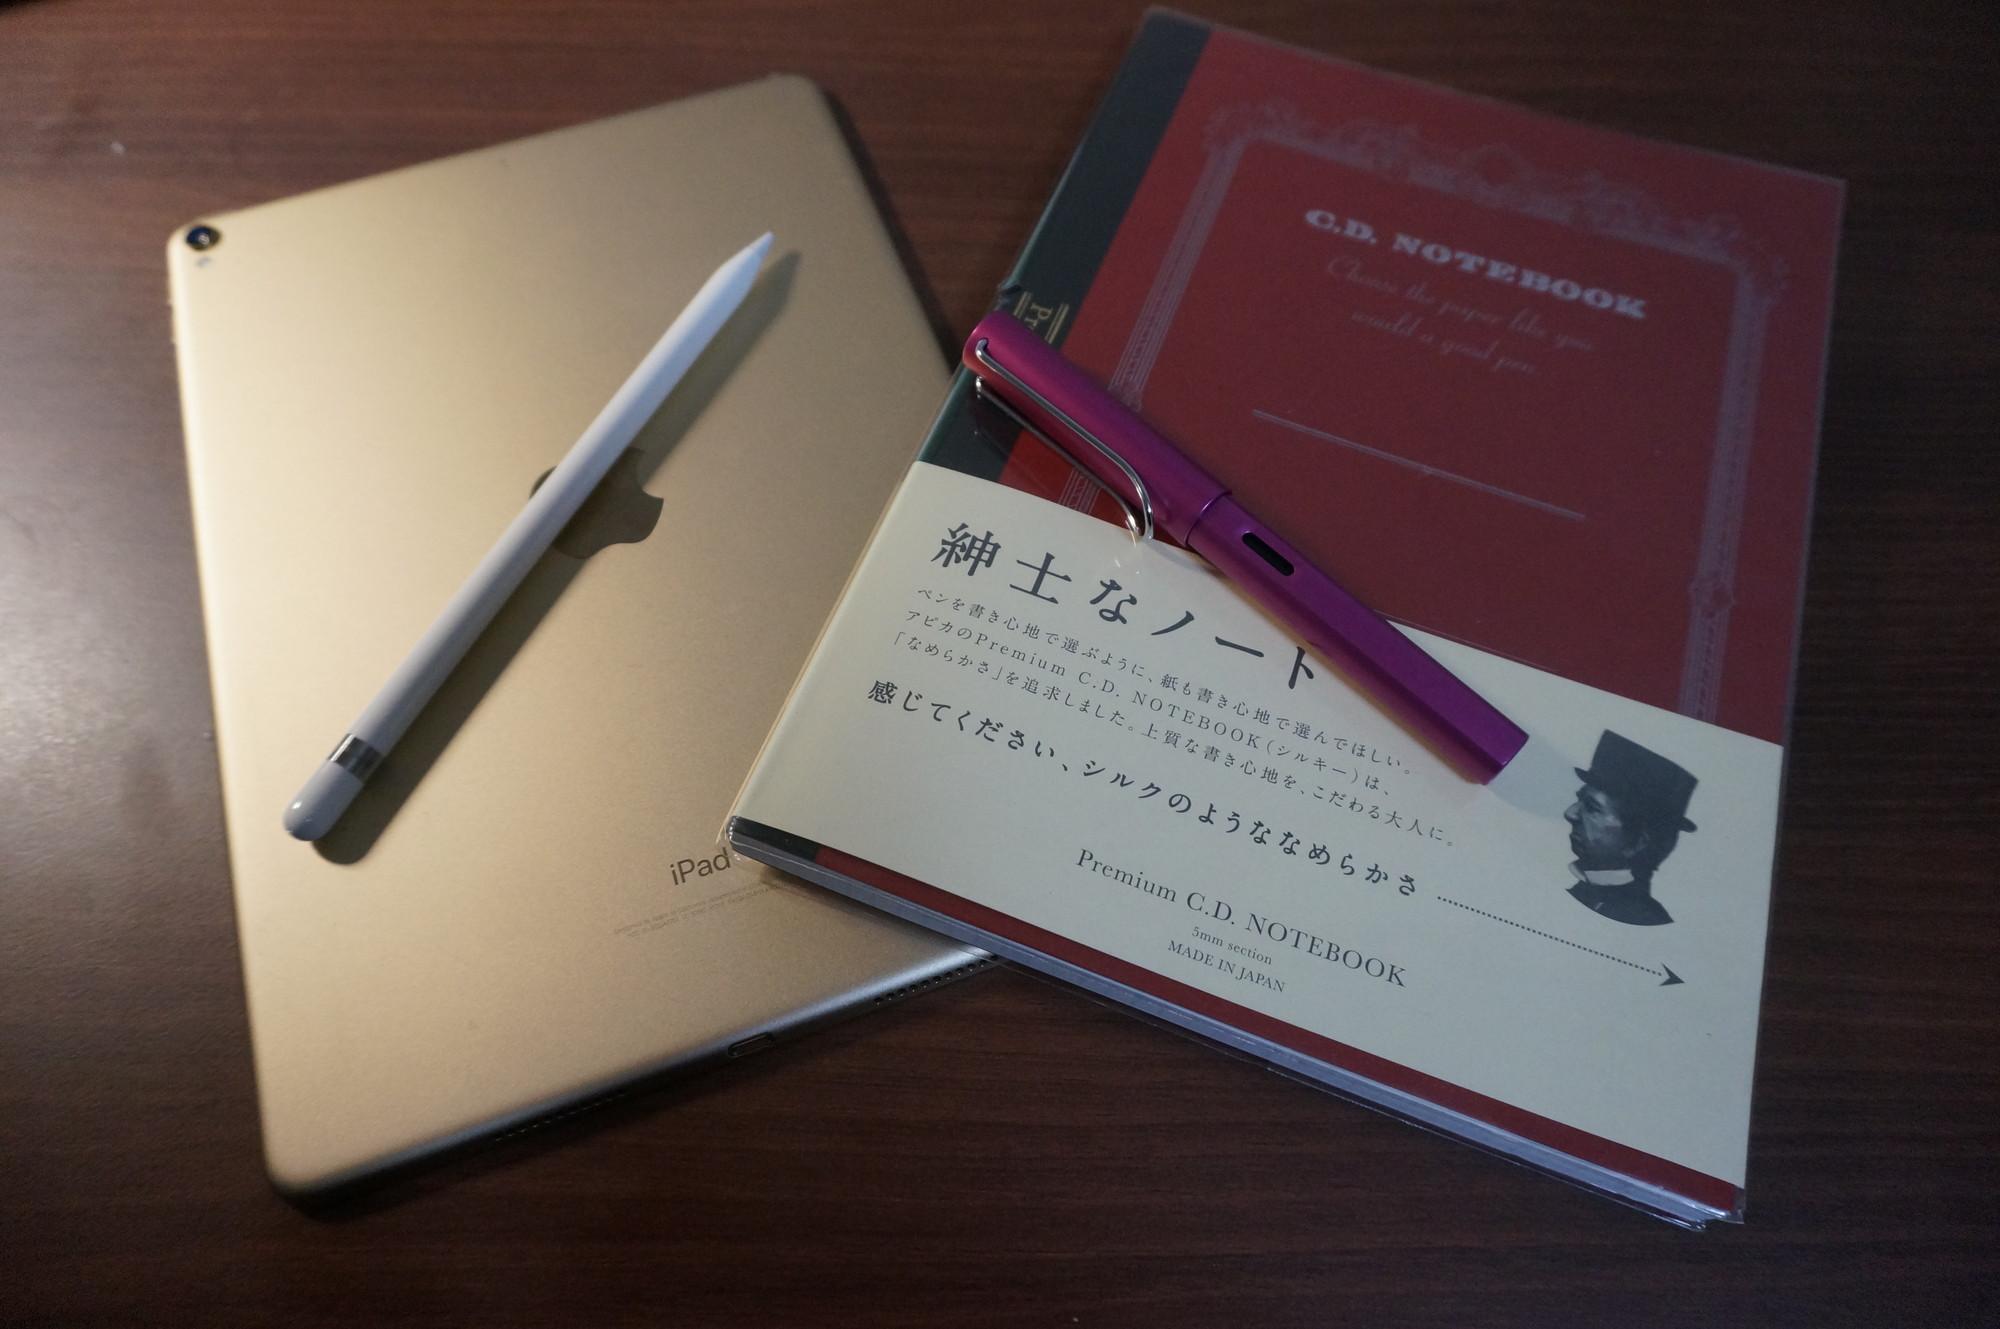 iPad ノート